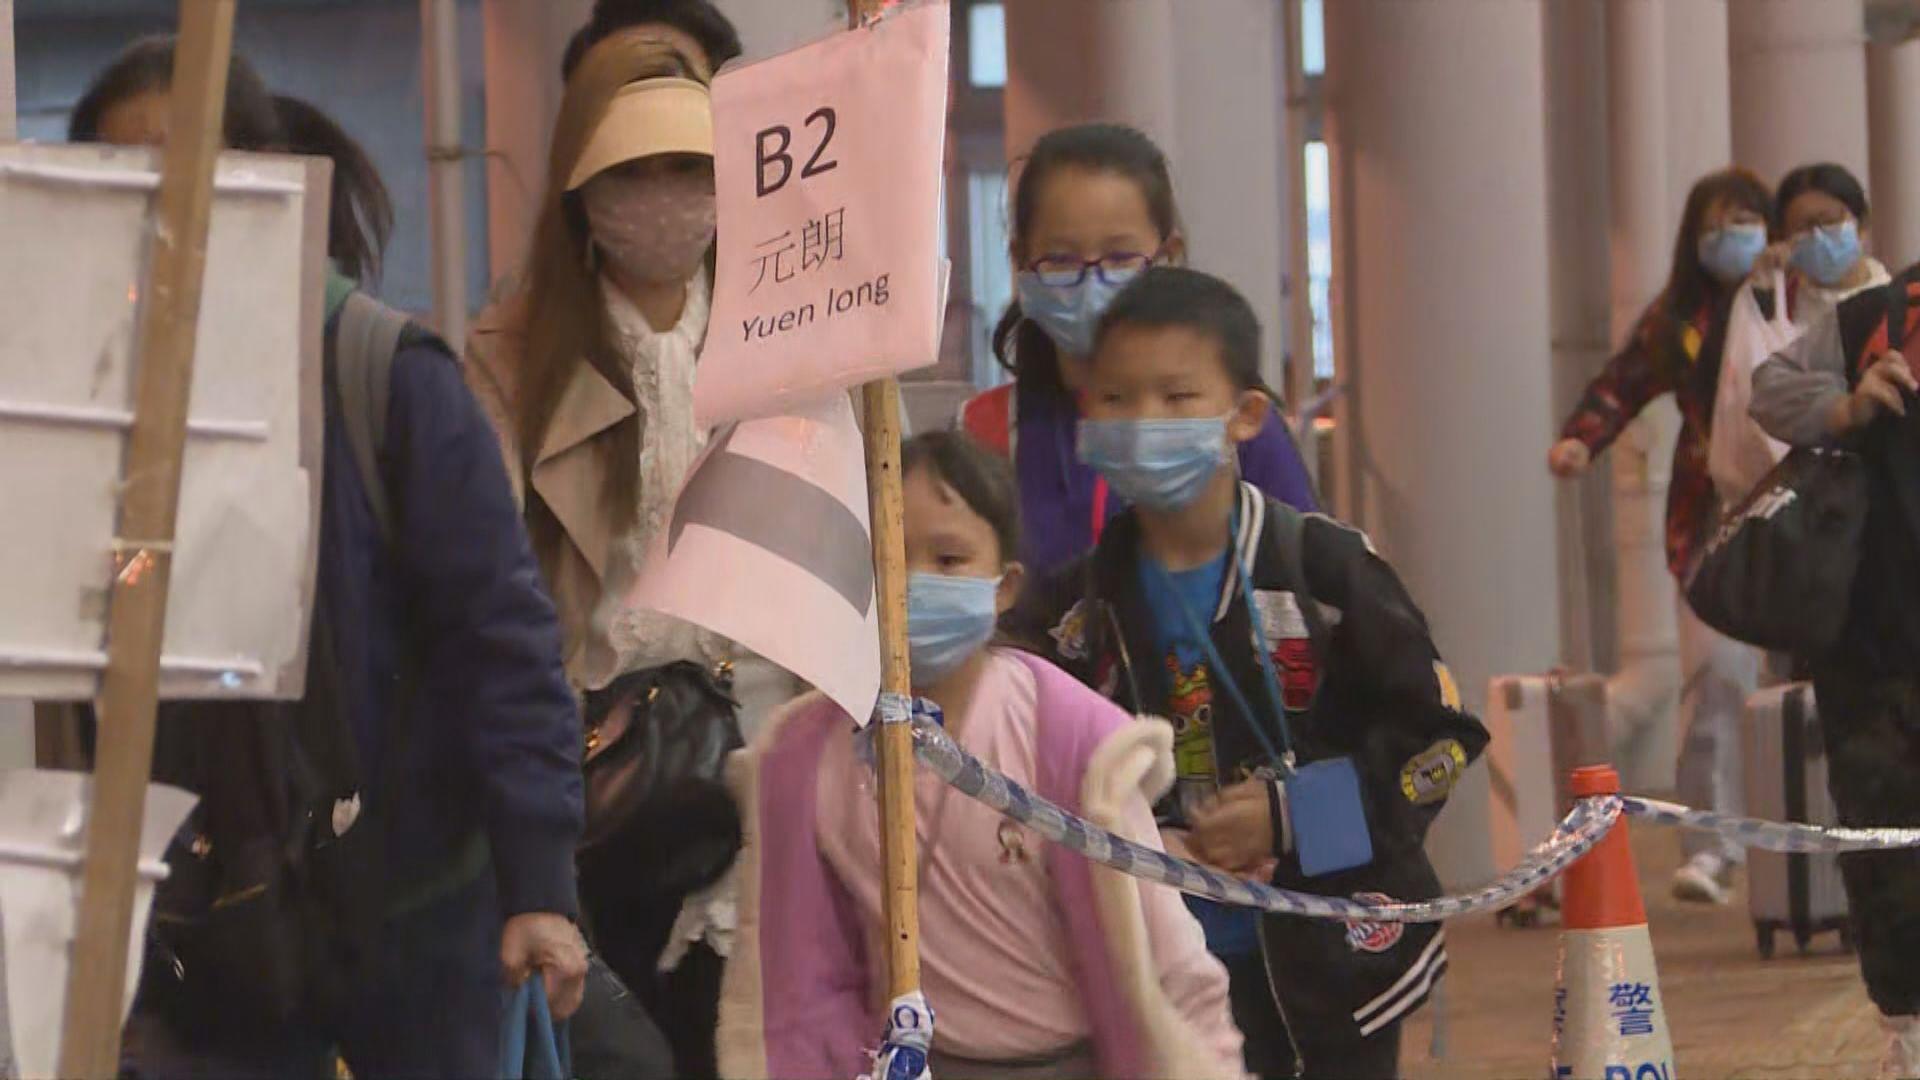 深圳灣返港人潮持續 有中港家庭指強制檢疫造成不便